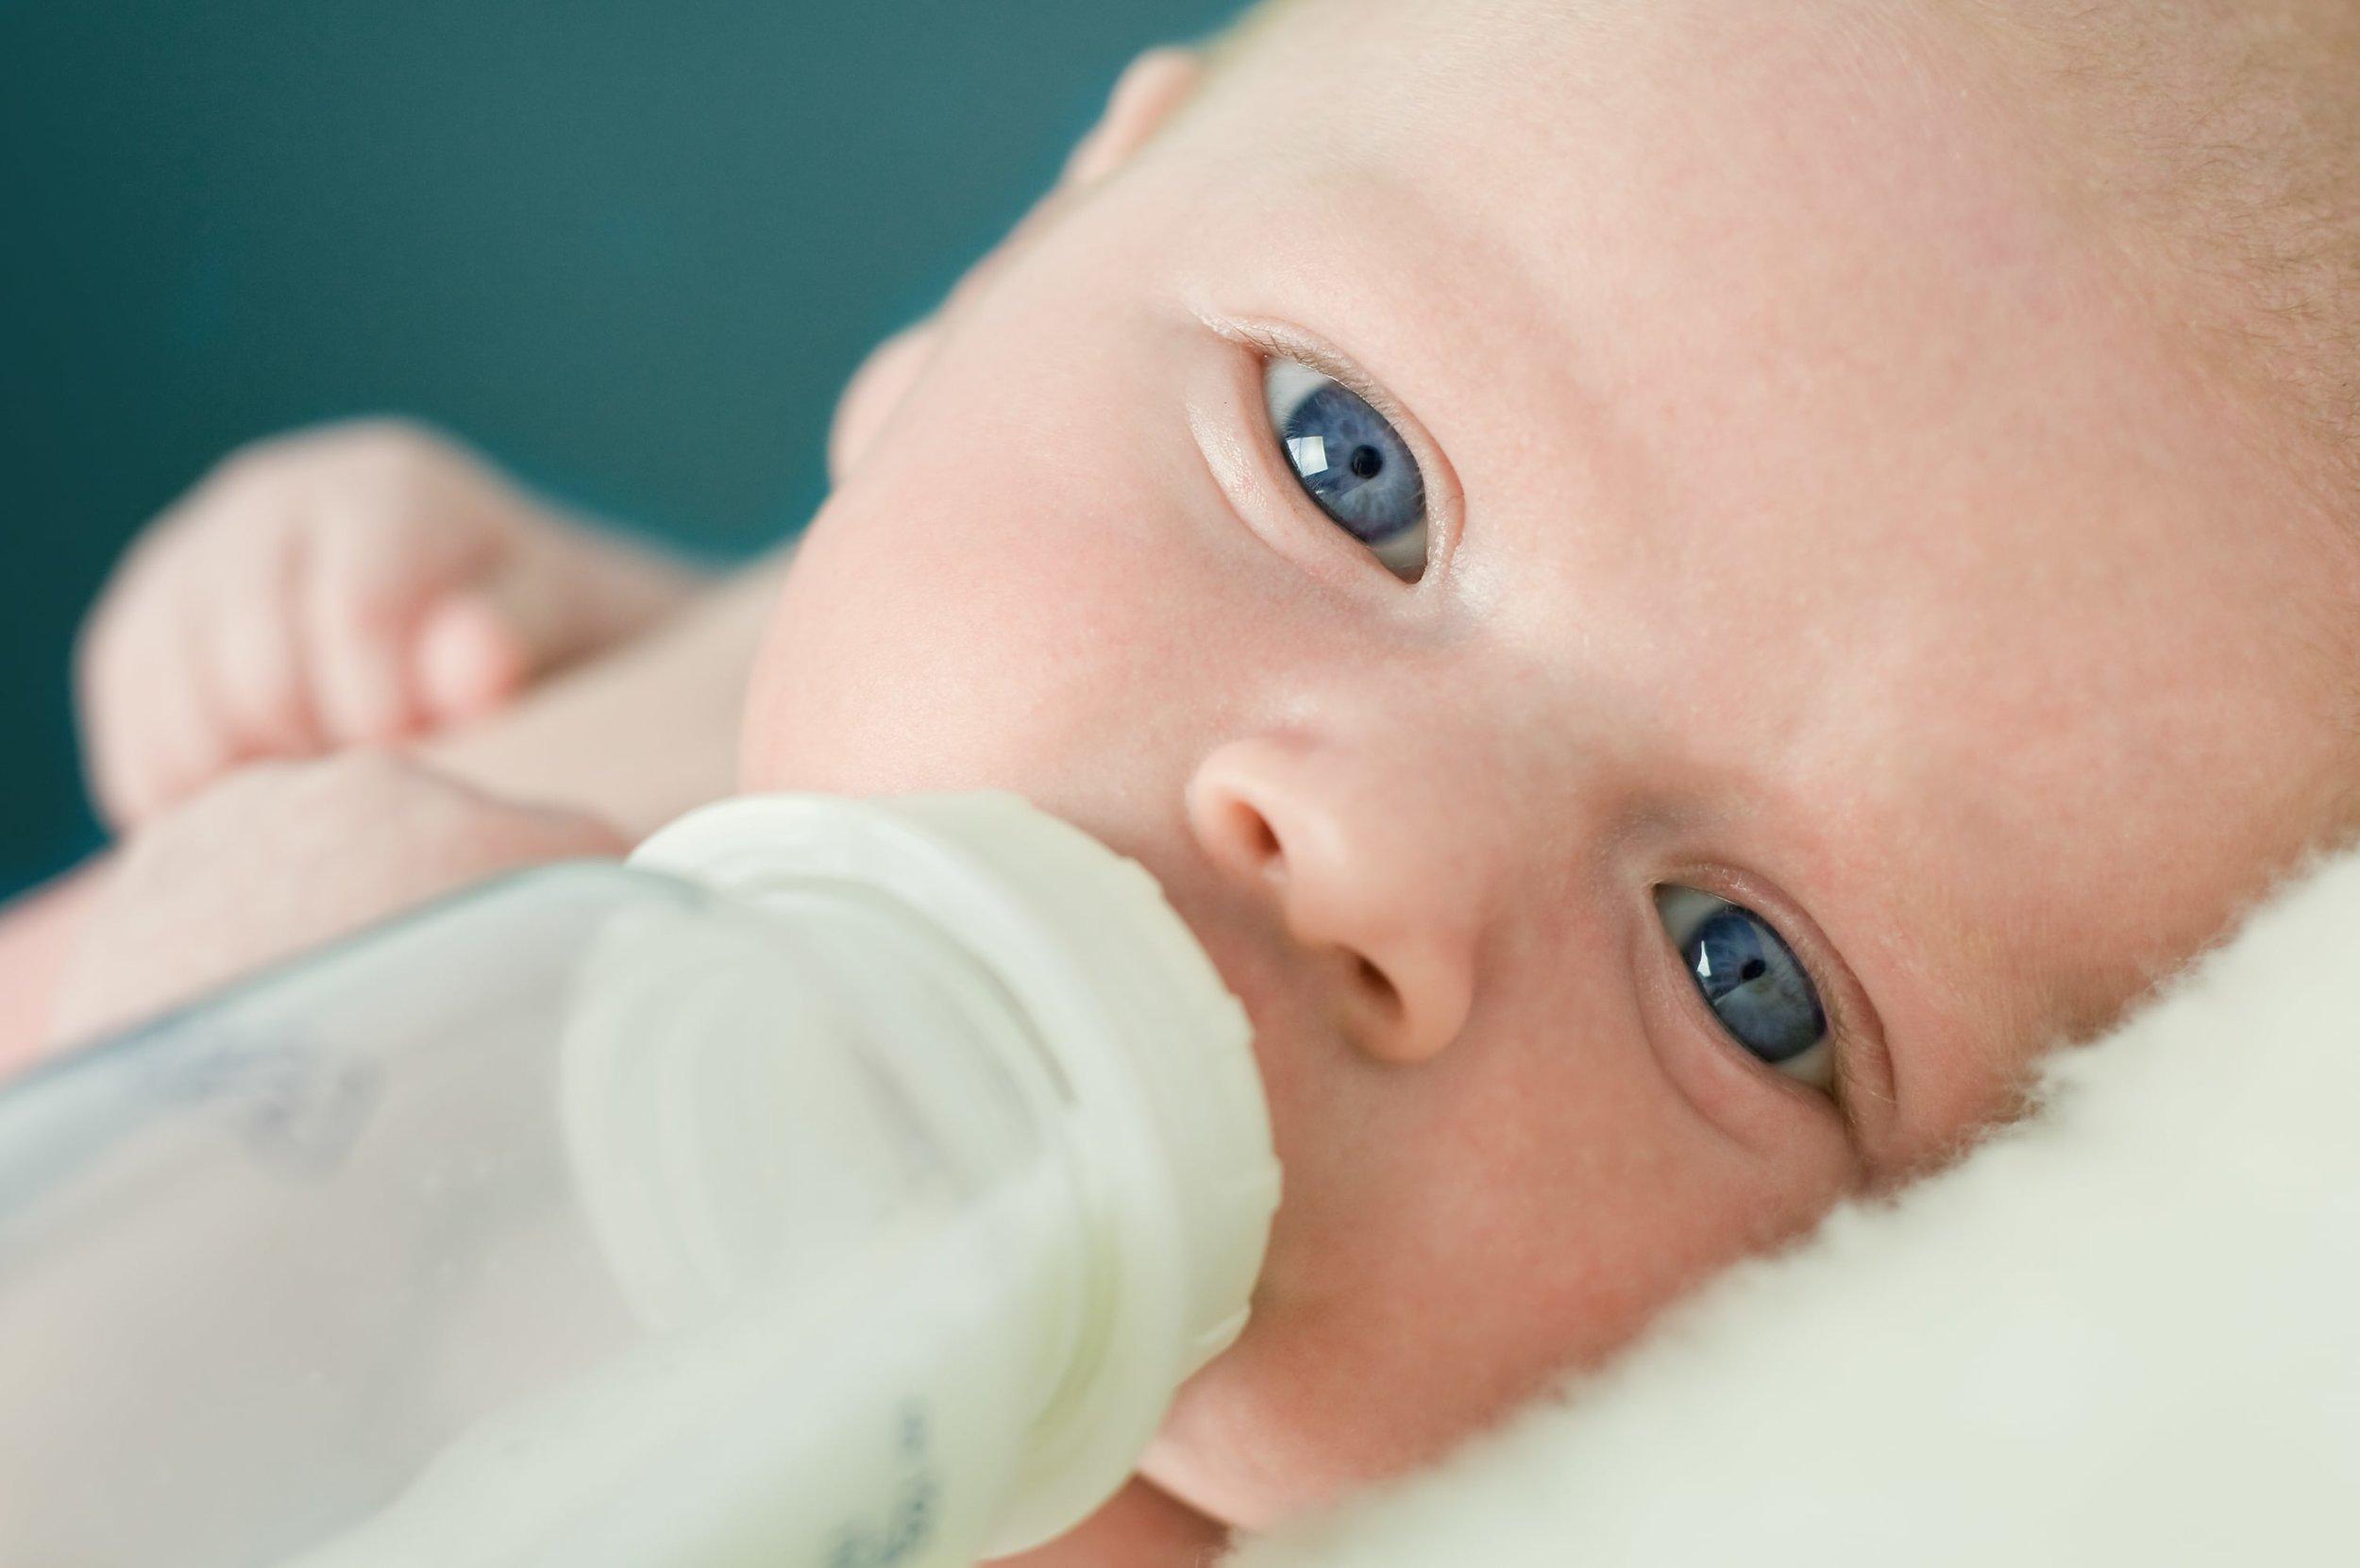 Lactl_Baby&Bottle.jpg